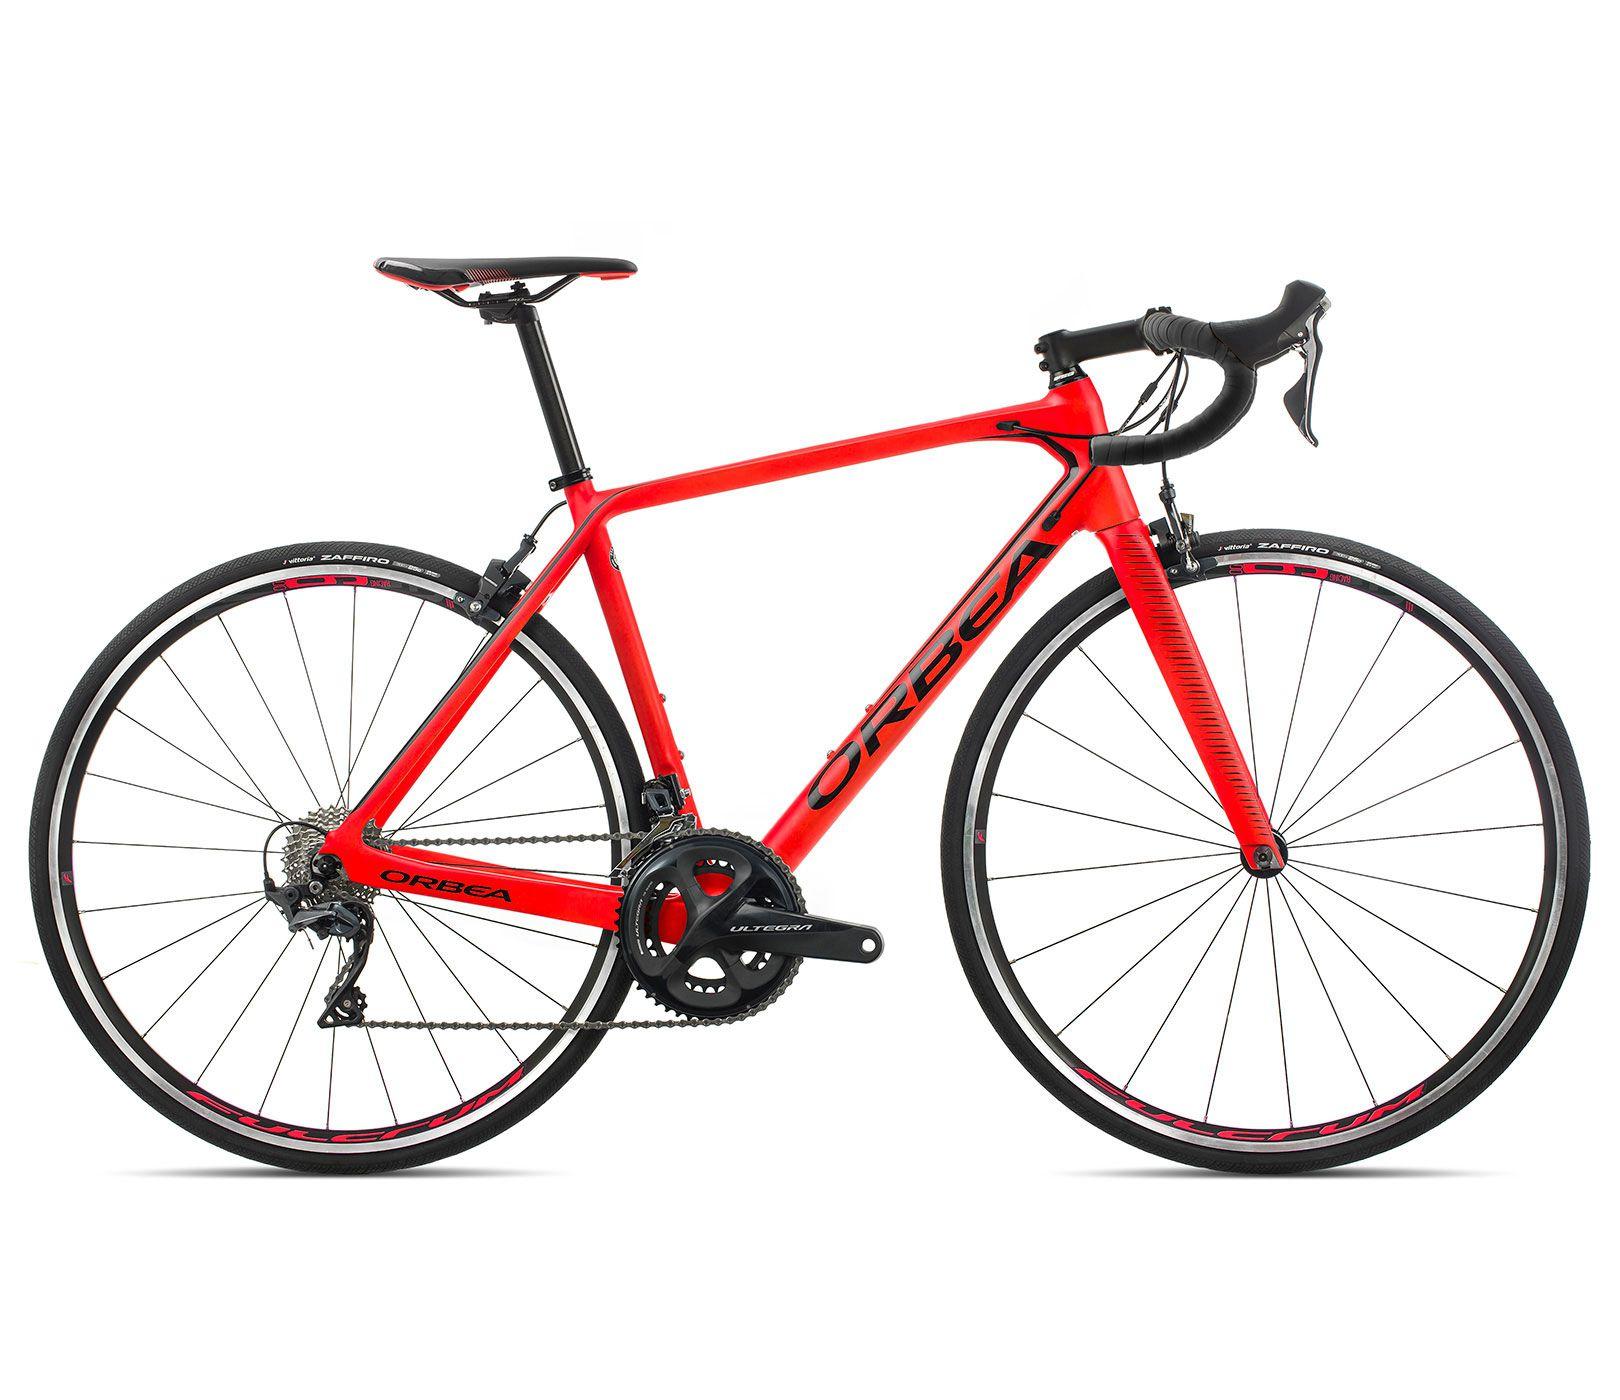 Bicicleta estrada Orbea Orca M20 Tam 53 Verm/Preta - 2020